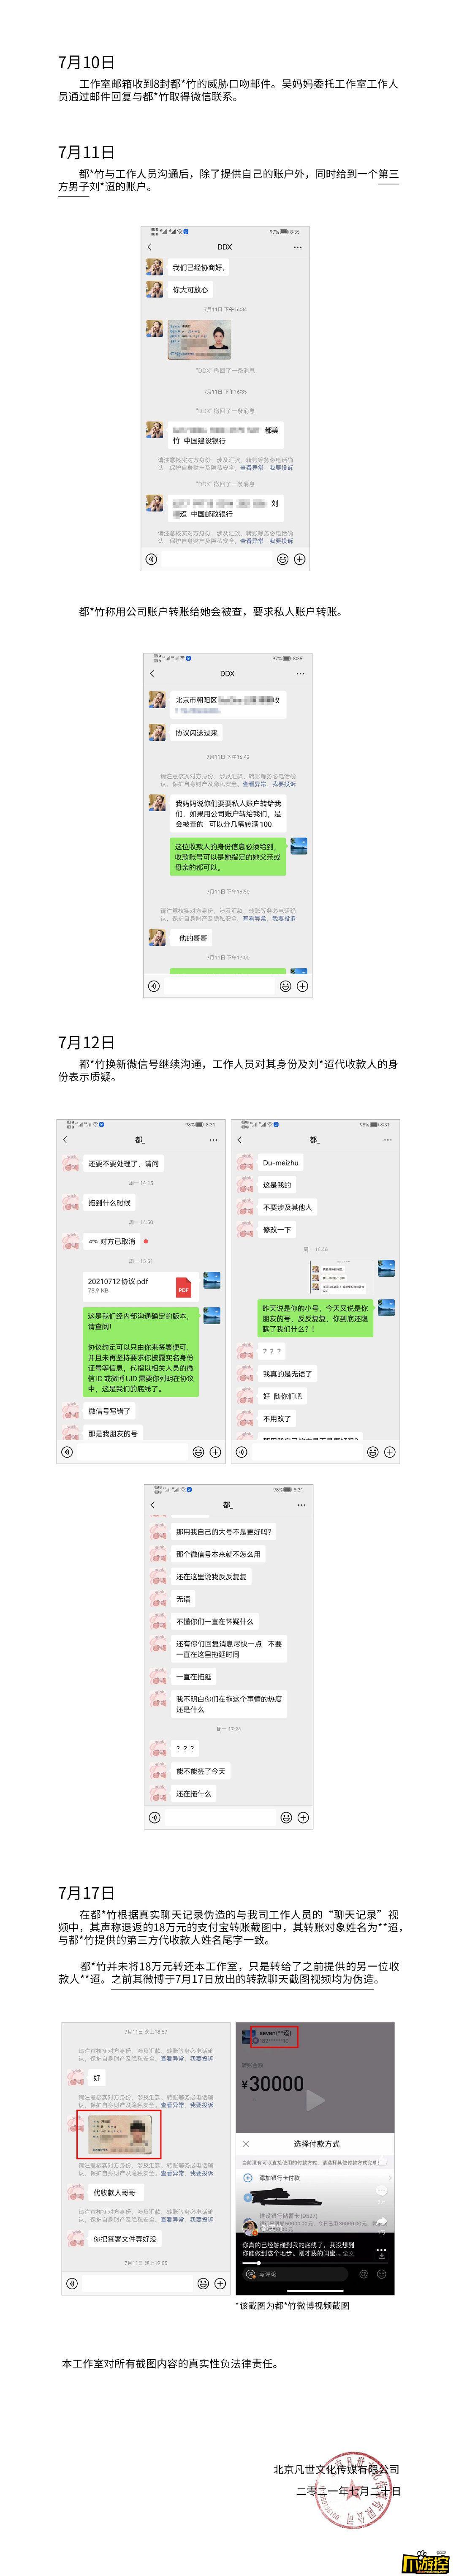 吴亦凡工作室再发文回应转账争议,称都美竹伪造聊天记录